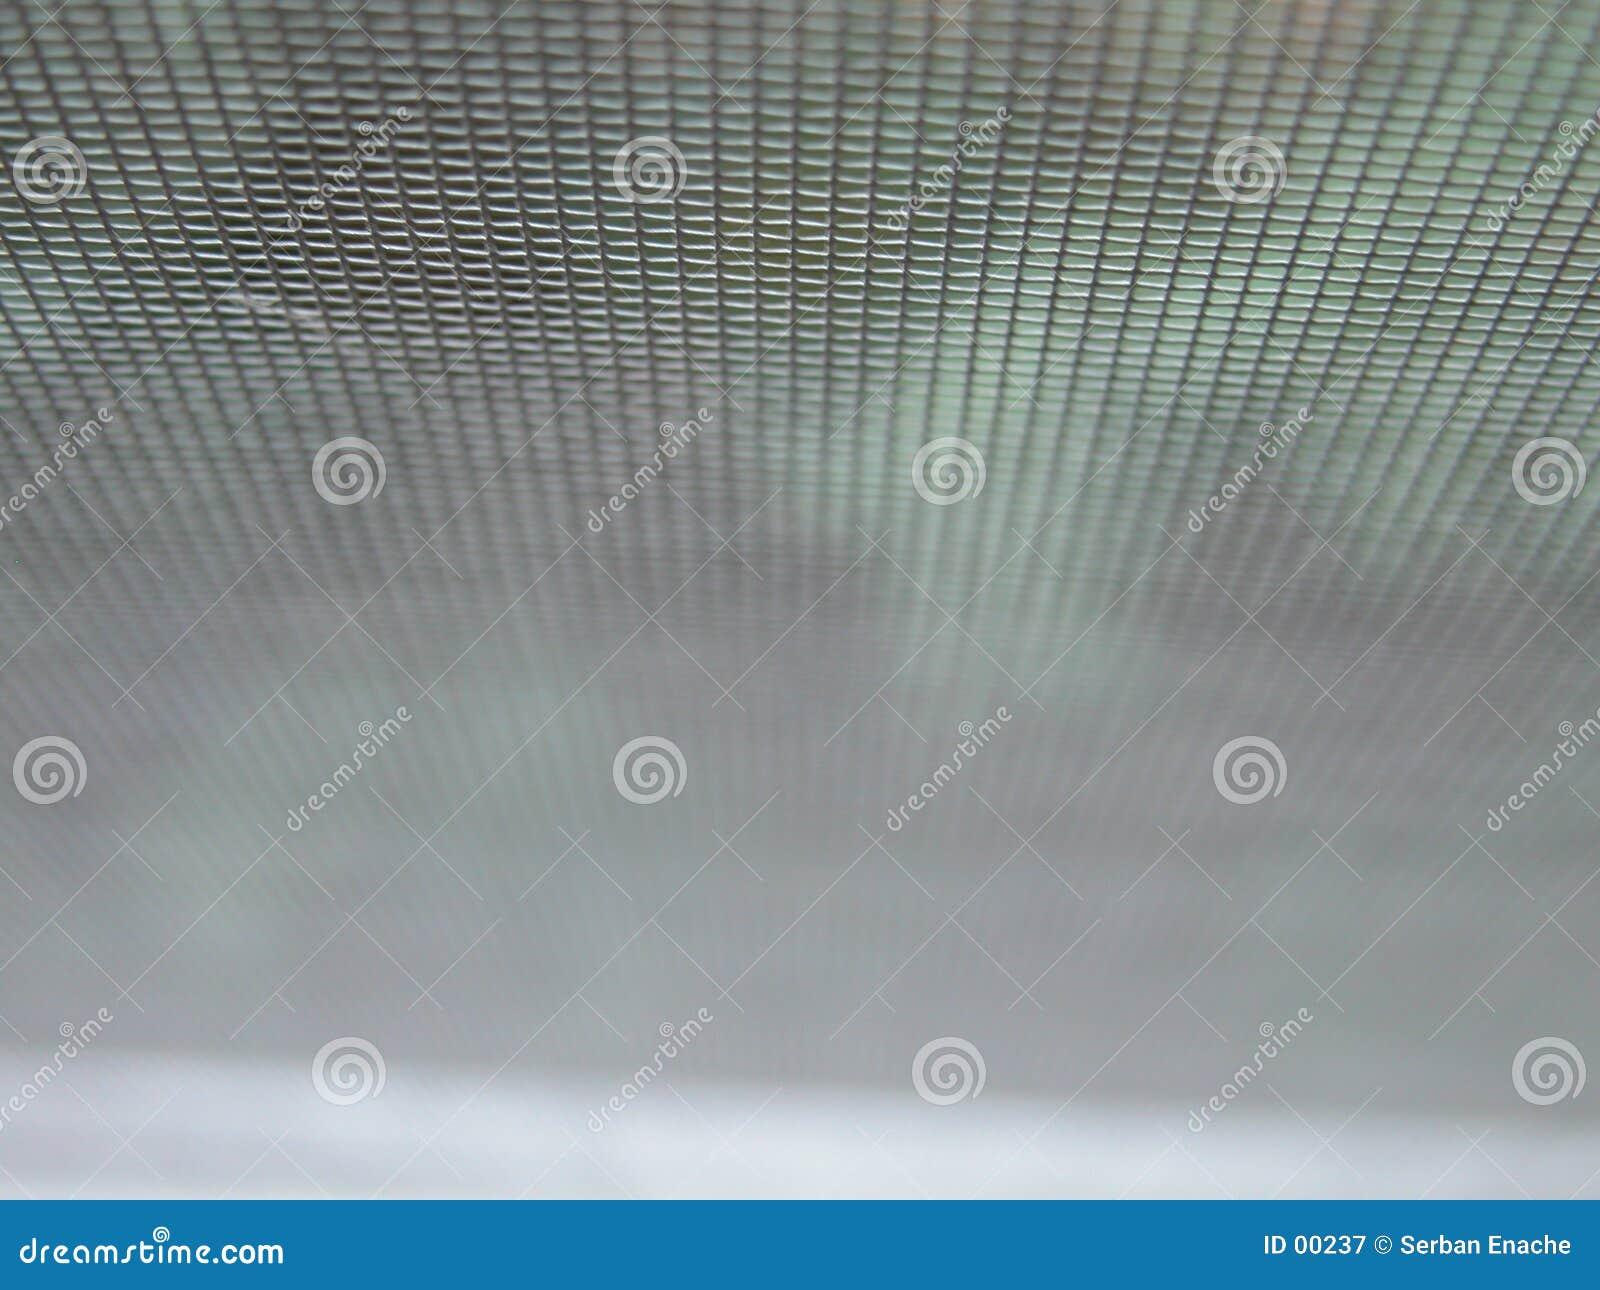 Detalhe de uma rede de fio